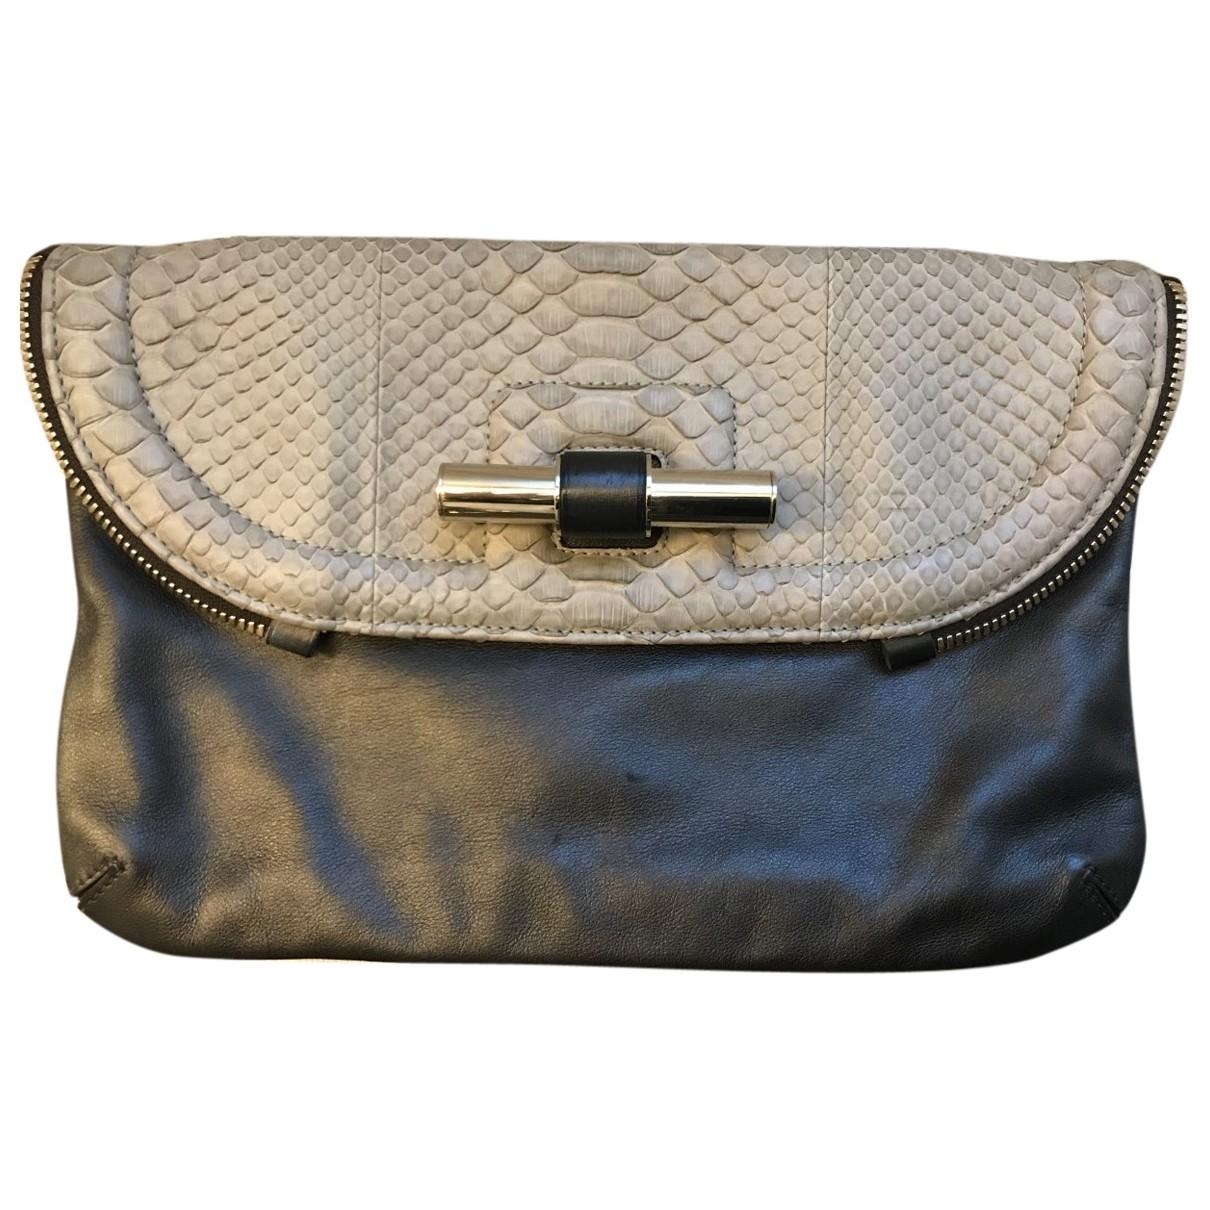 Jimmy Choo \N Leather Clutch bag for Women \N